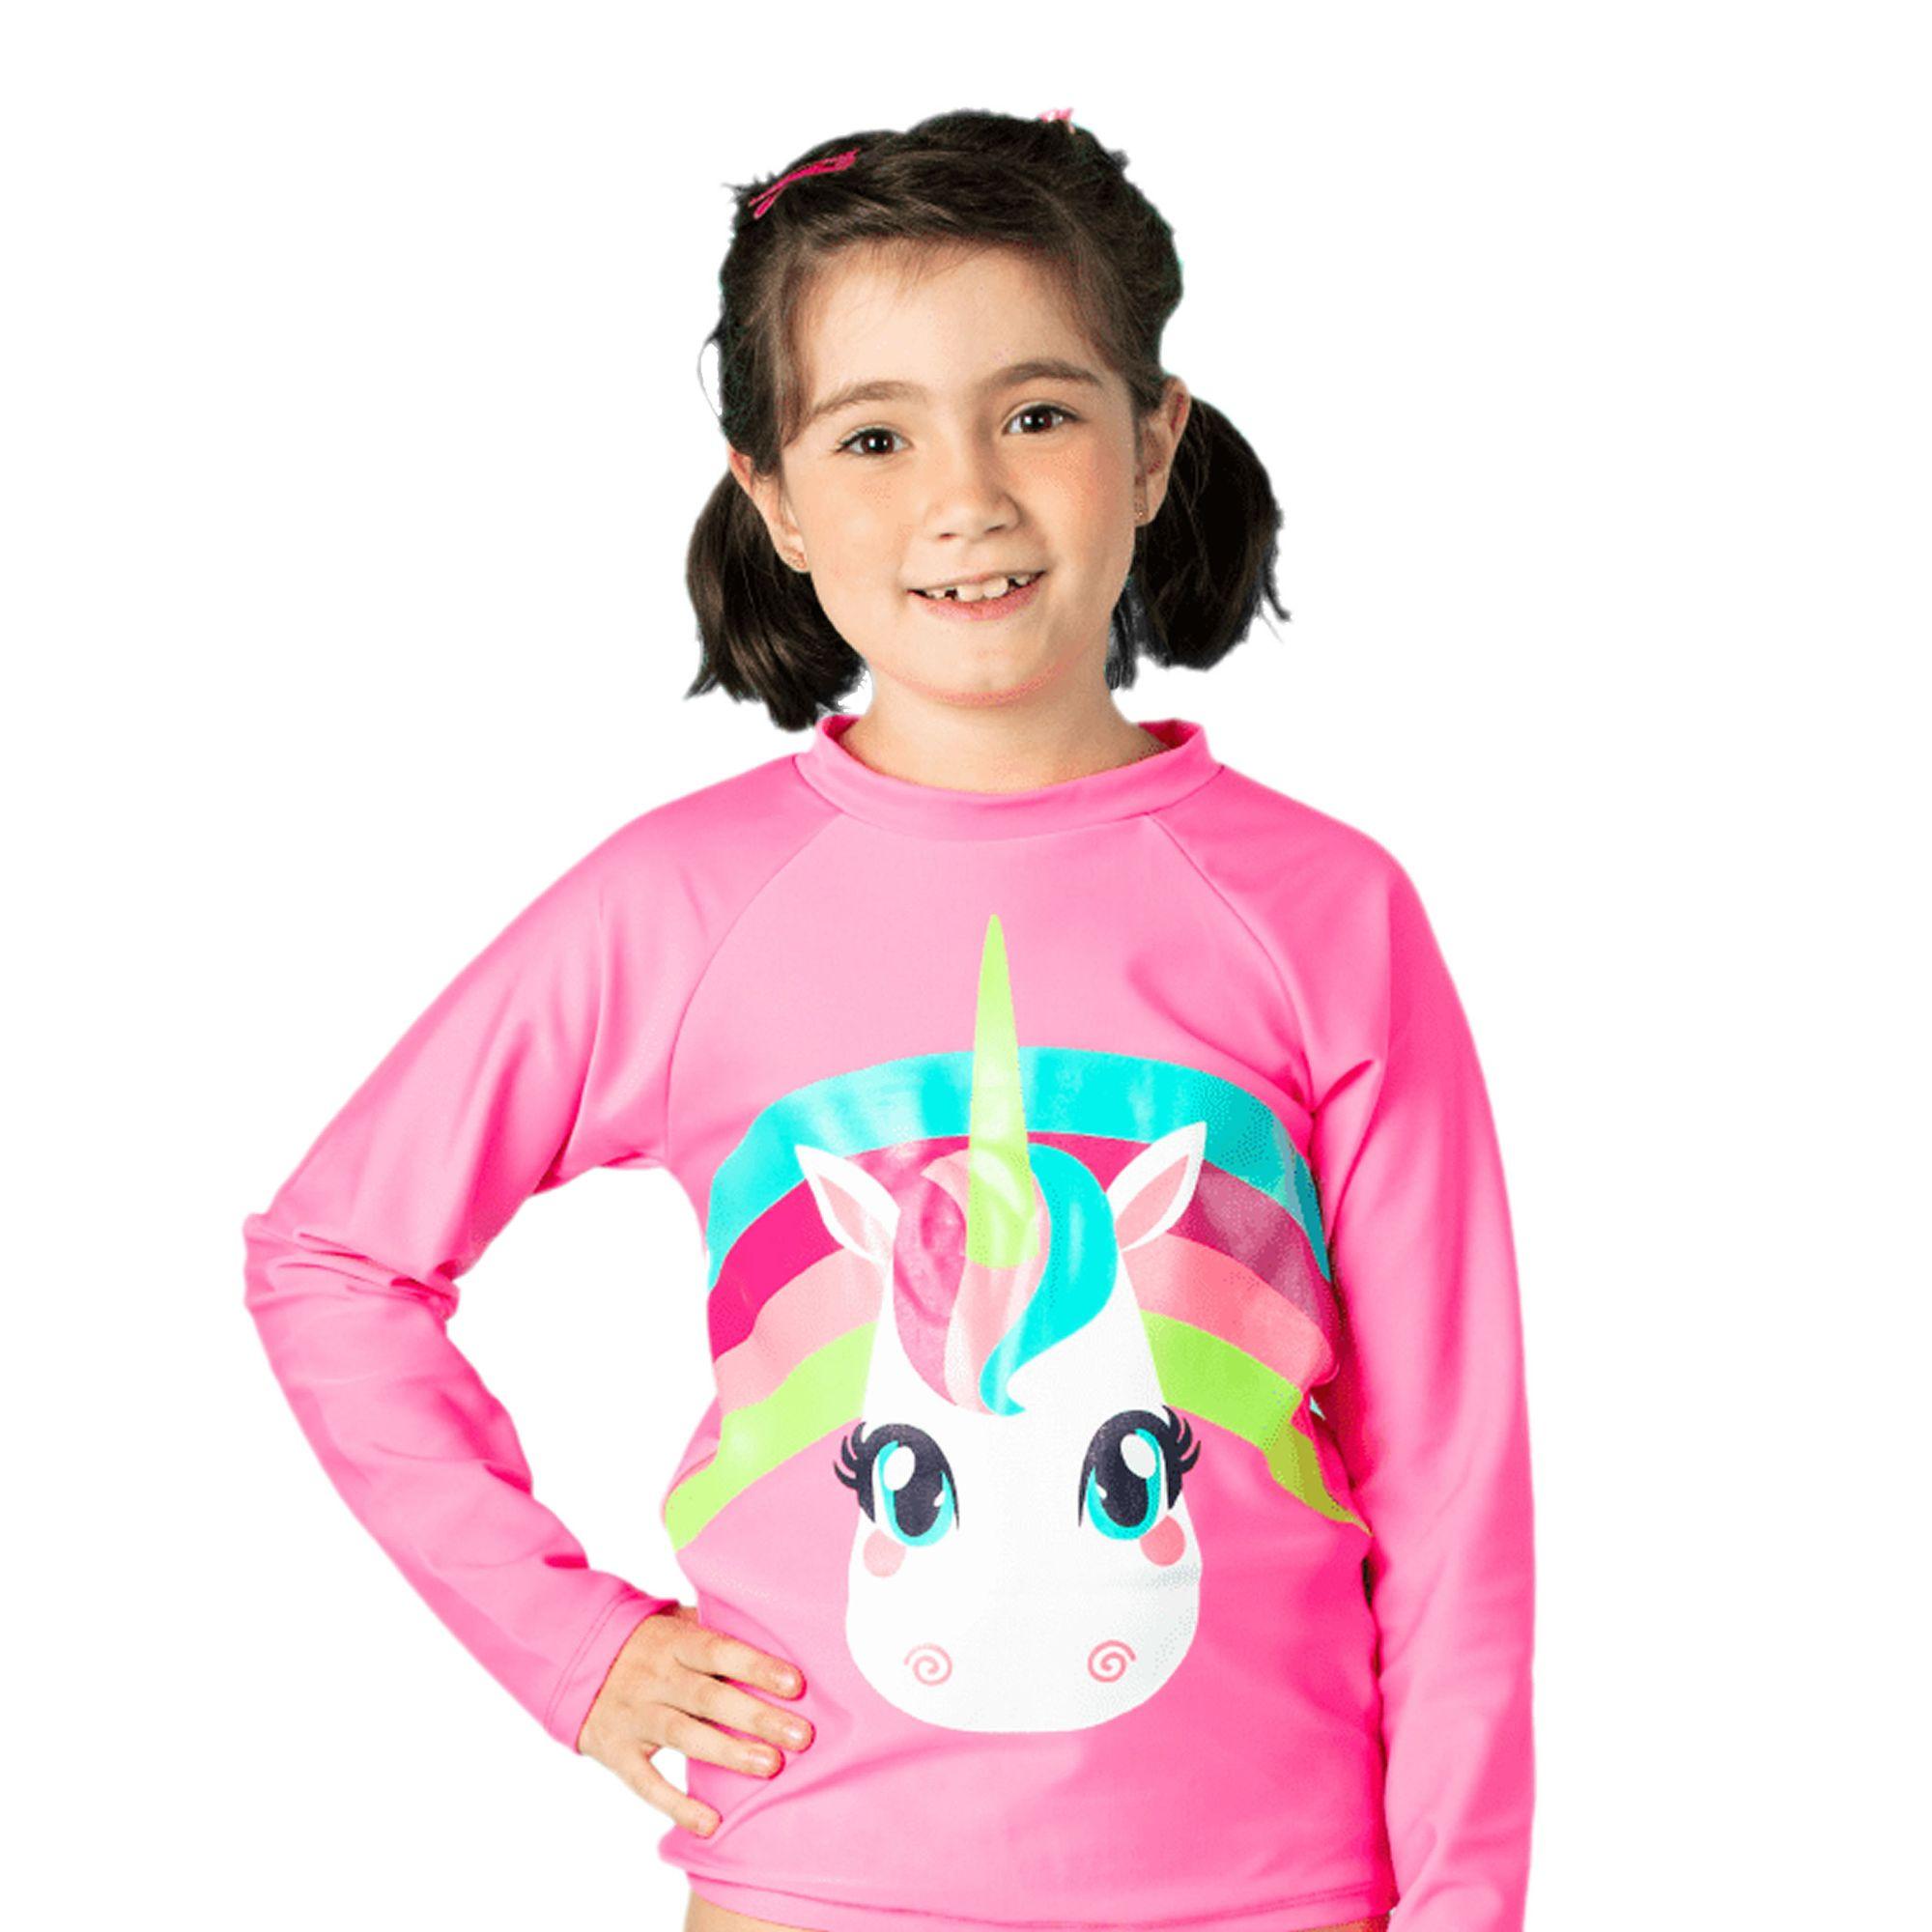 camiseta-praia-infantil-unicornio-rosa-arco-iris